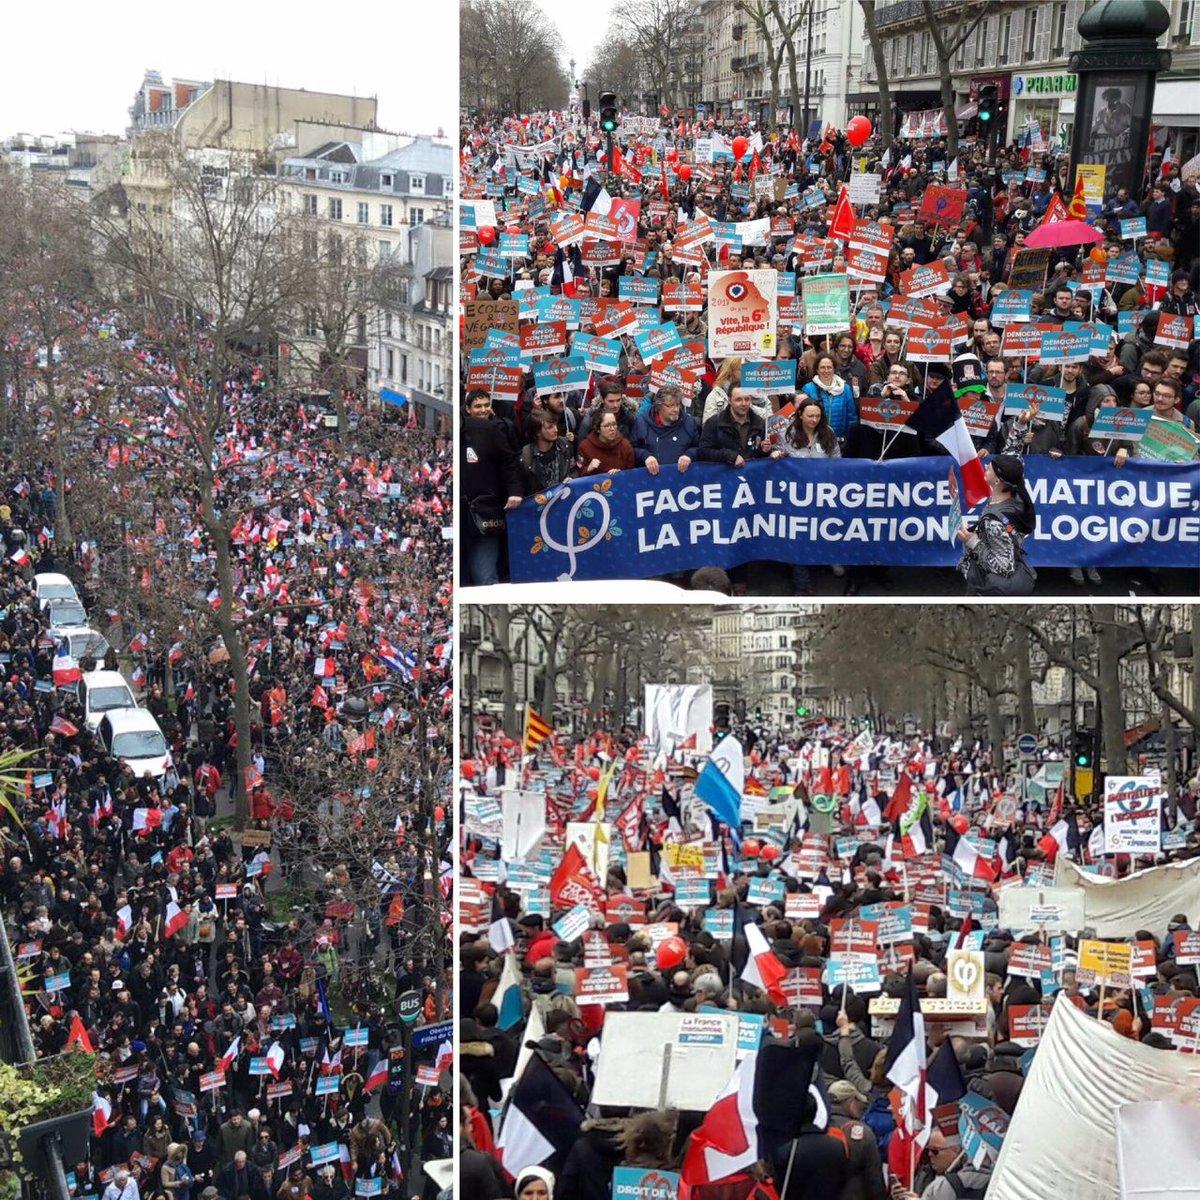 Énormément de monde dans le boulevard entre #Bastille et #République ! #18mars2017 - 18mars2017.fr